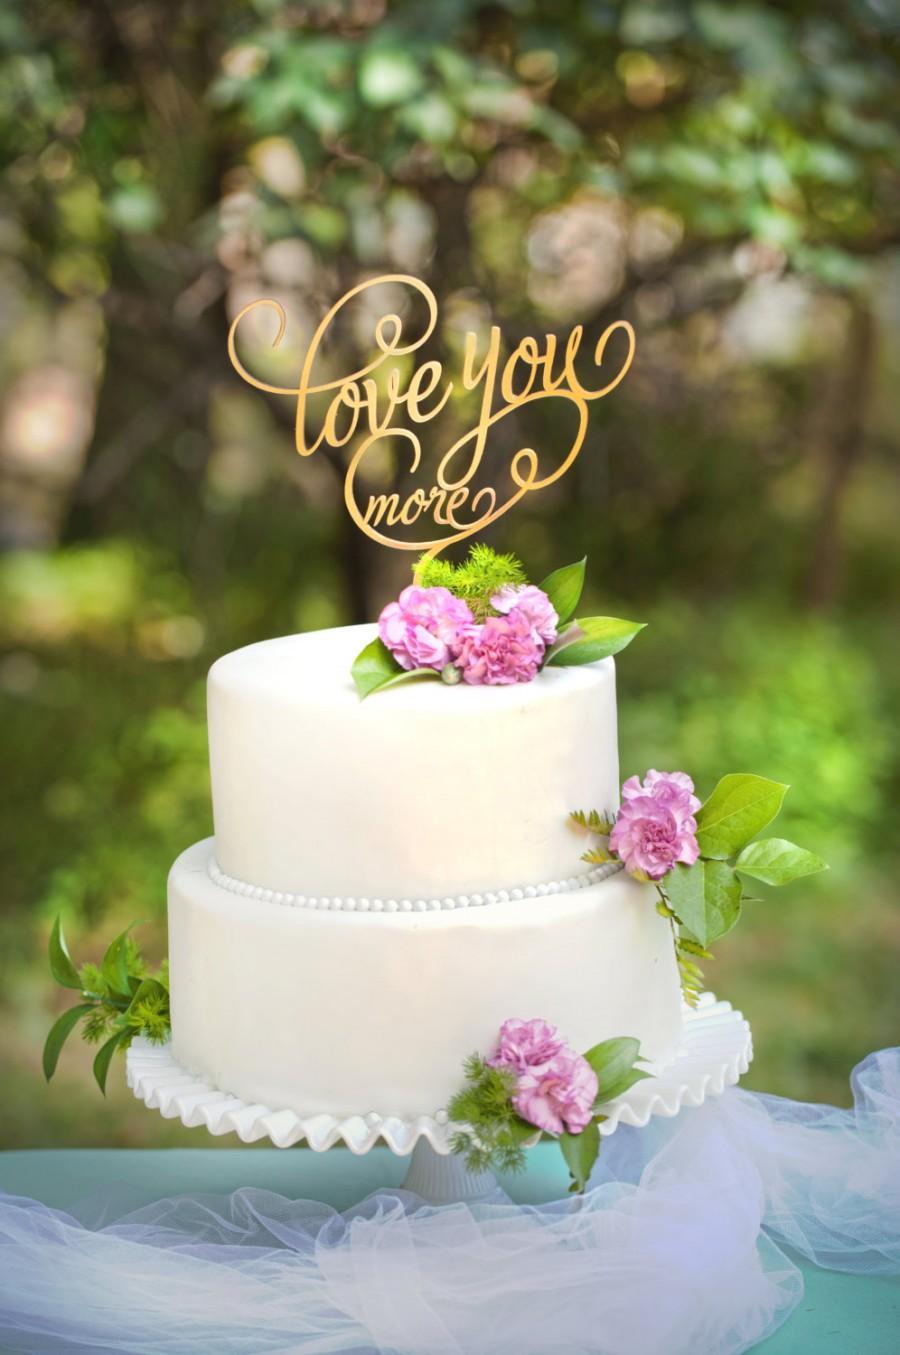 زفاف - Love You More Wedding Cake Topper